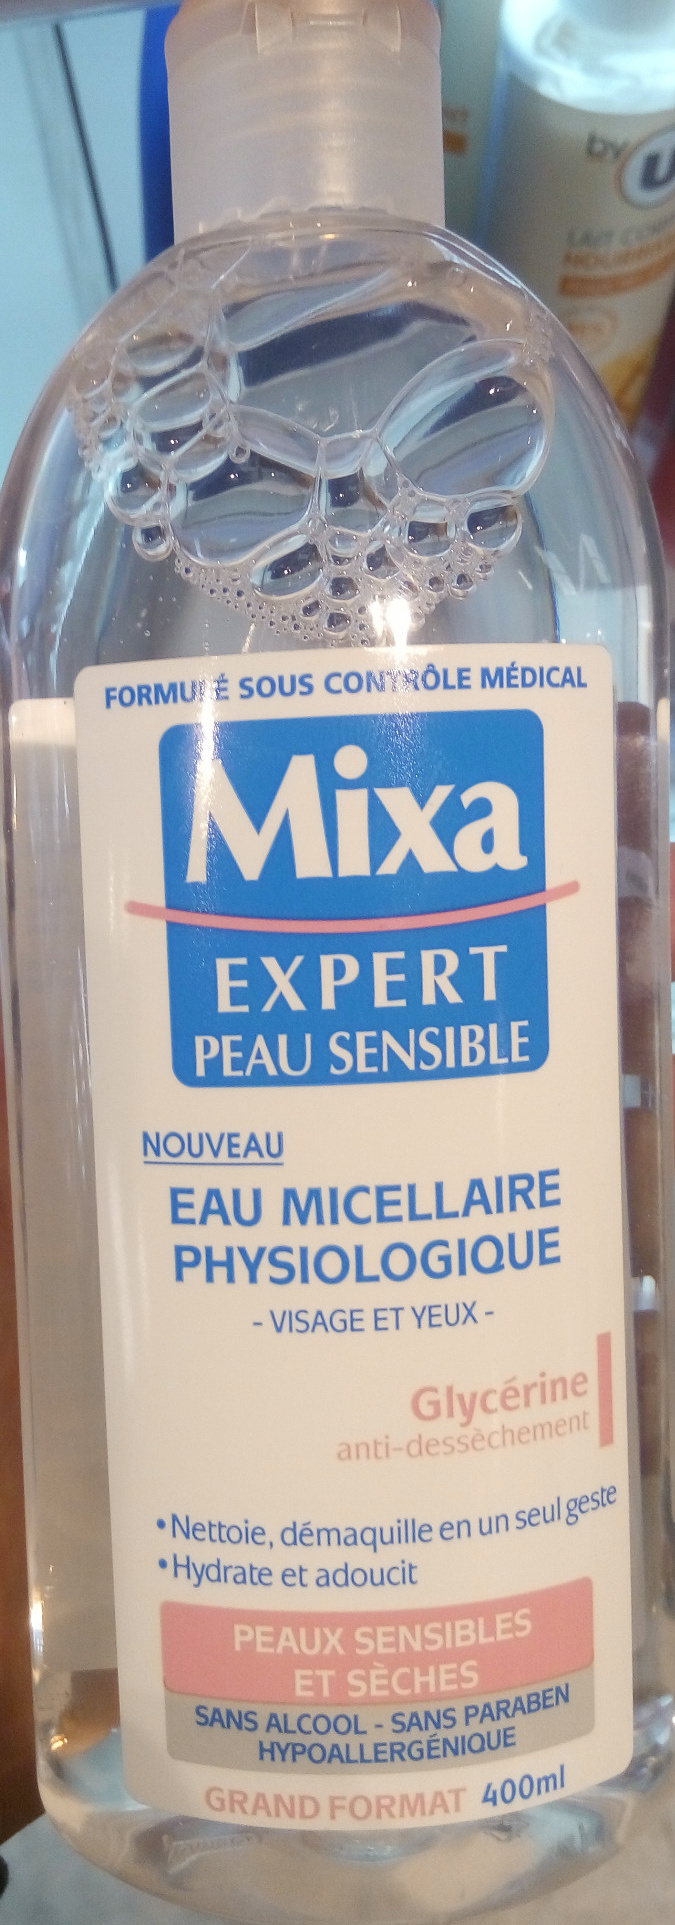 Eau micellaire physiologique visages et yeux - Product - fr